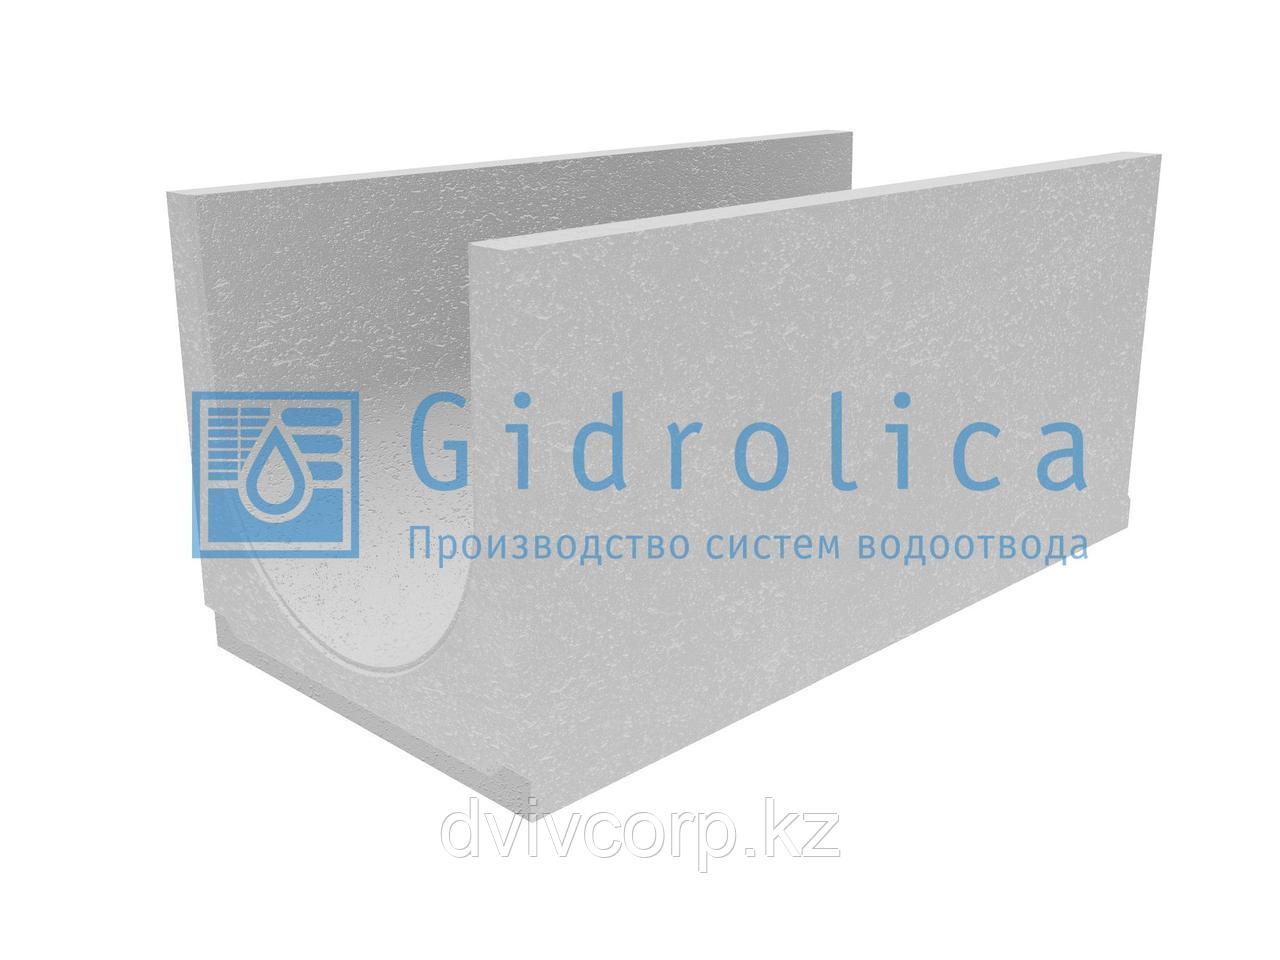 Лоток водоотводный бетонный коробчатый (СО-400мм), с уклоном 0,5%  КUу 100.49,4(40).47(40) - BGU, № 15